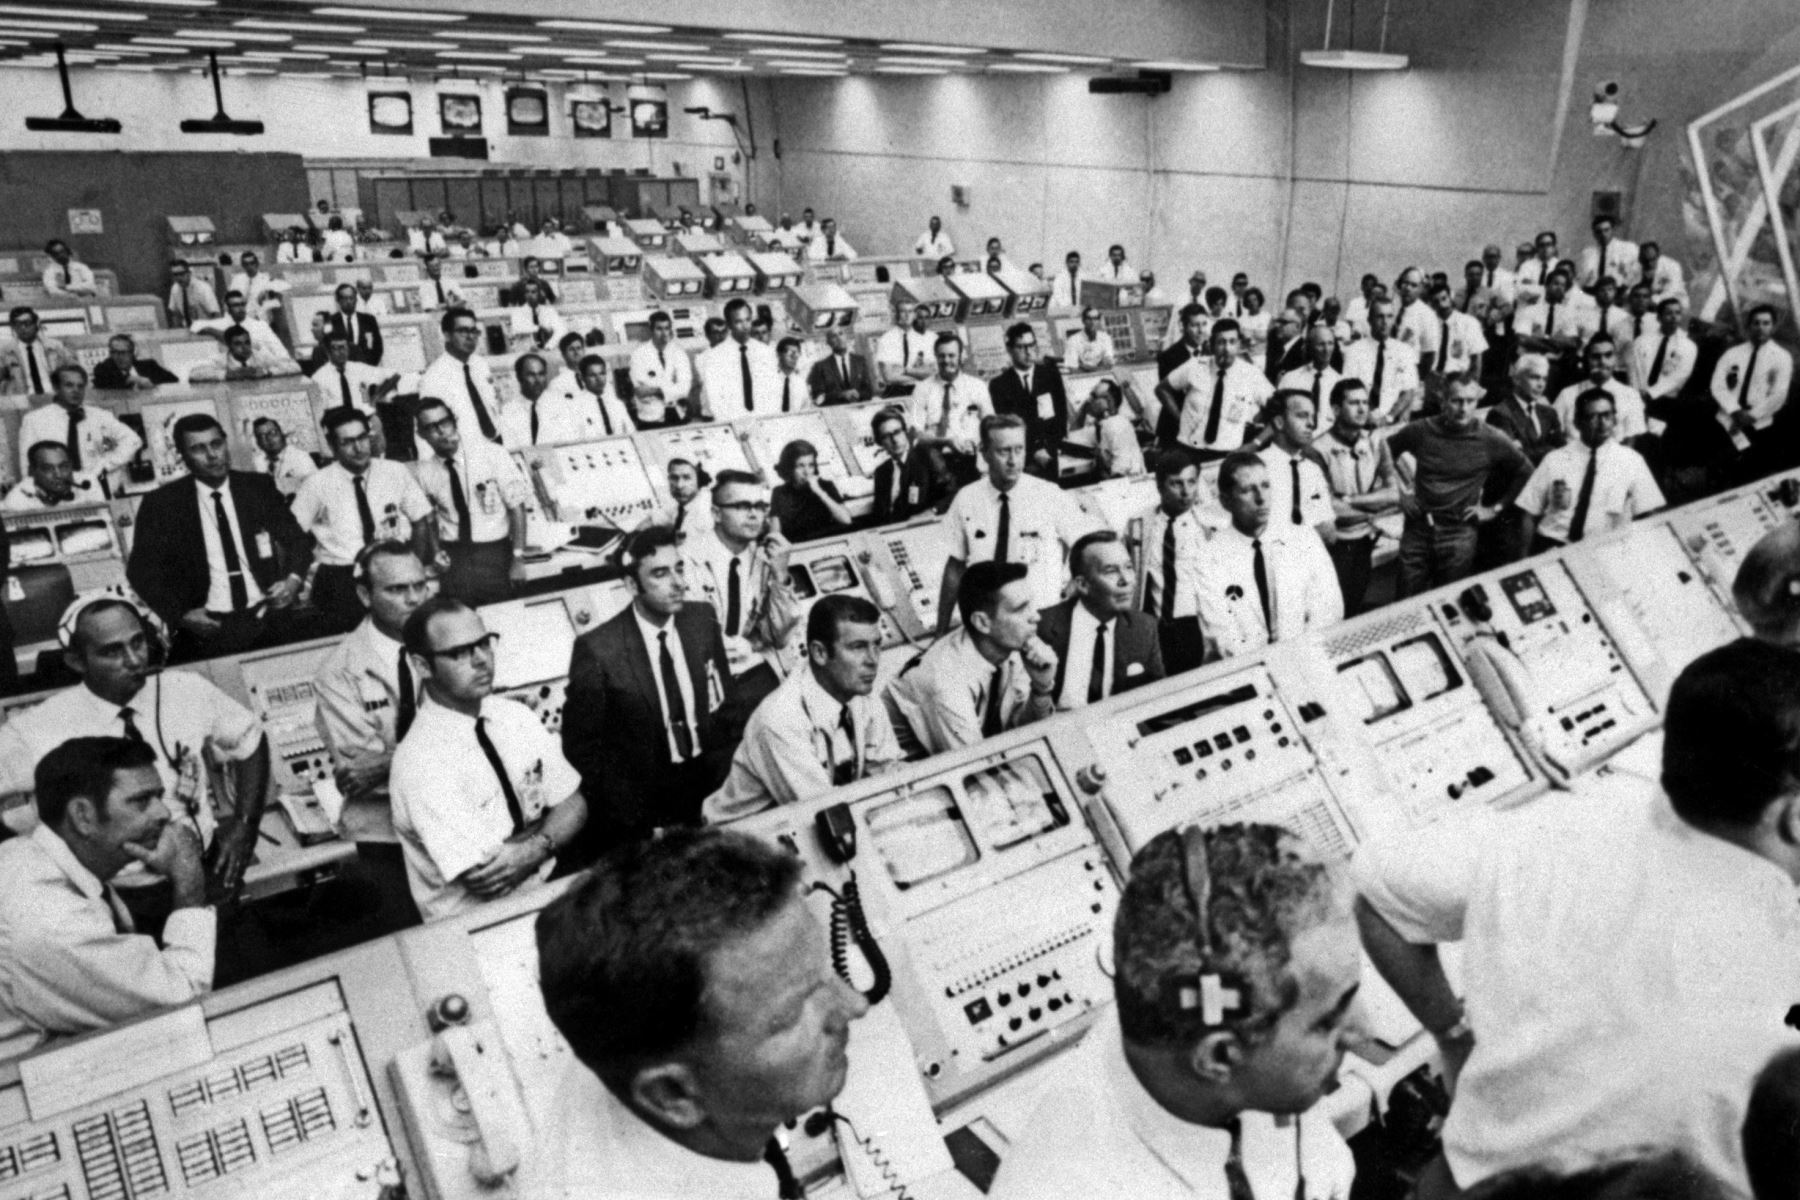 Miembros del equipo de la sala de control del Centro Espacial Kennedy se levantan de sus consolas para ver el despegue de la misión Apollo 11 el 16 de julio de 1969. Foto: AFP